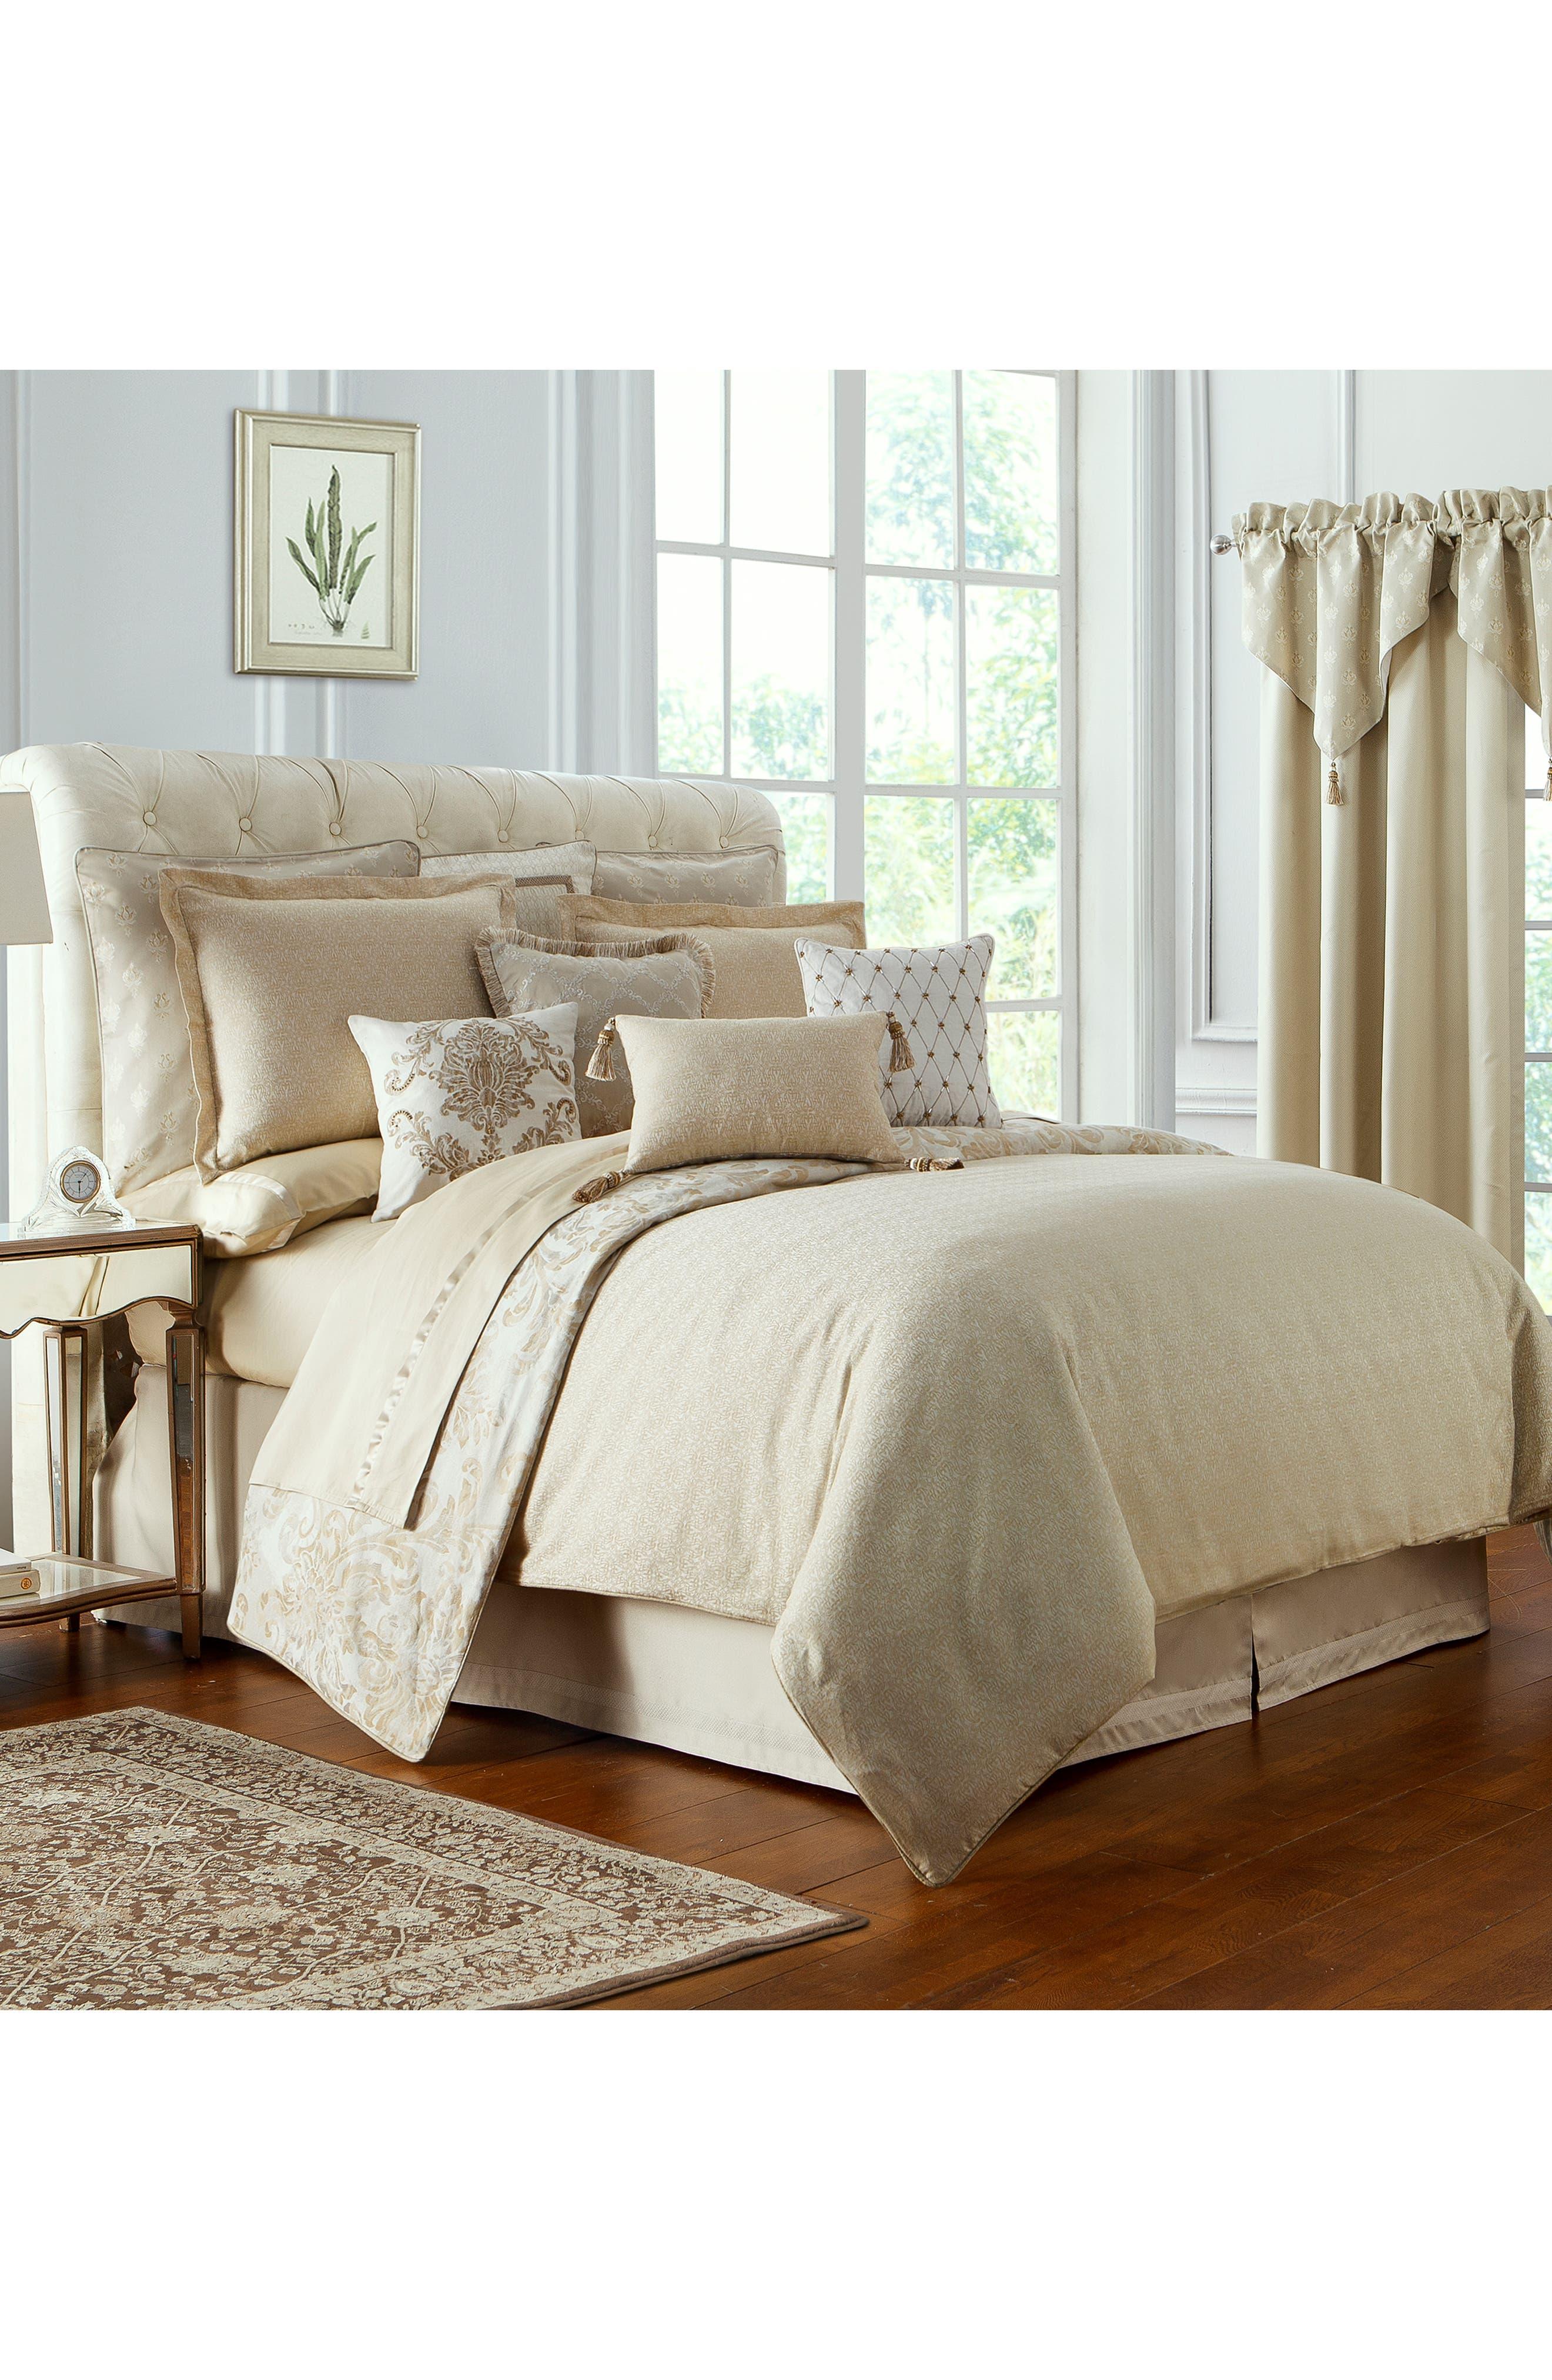 Annalise Reversible Comforter, Sham & Bed Skirt Set,                             Alternate thumbnail 3, color,                             GOLD